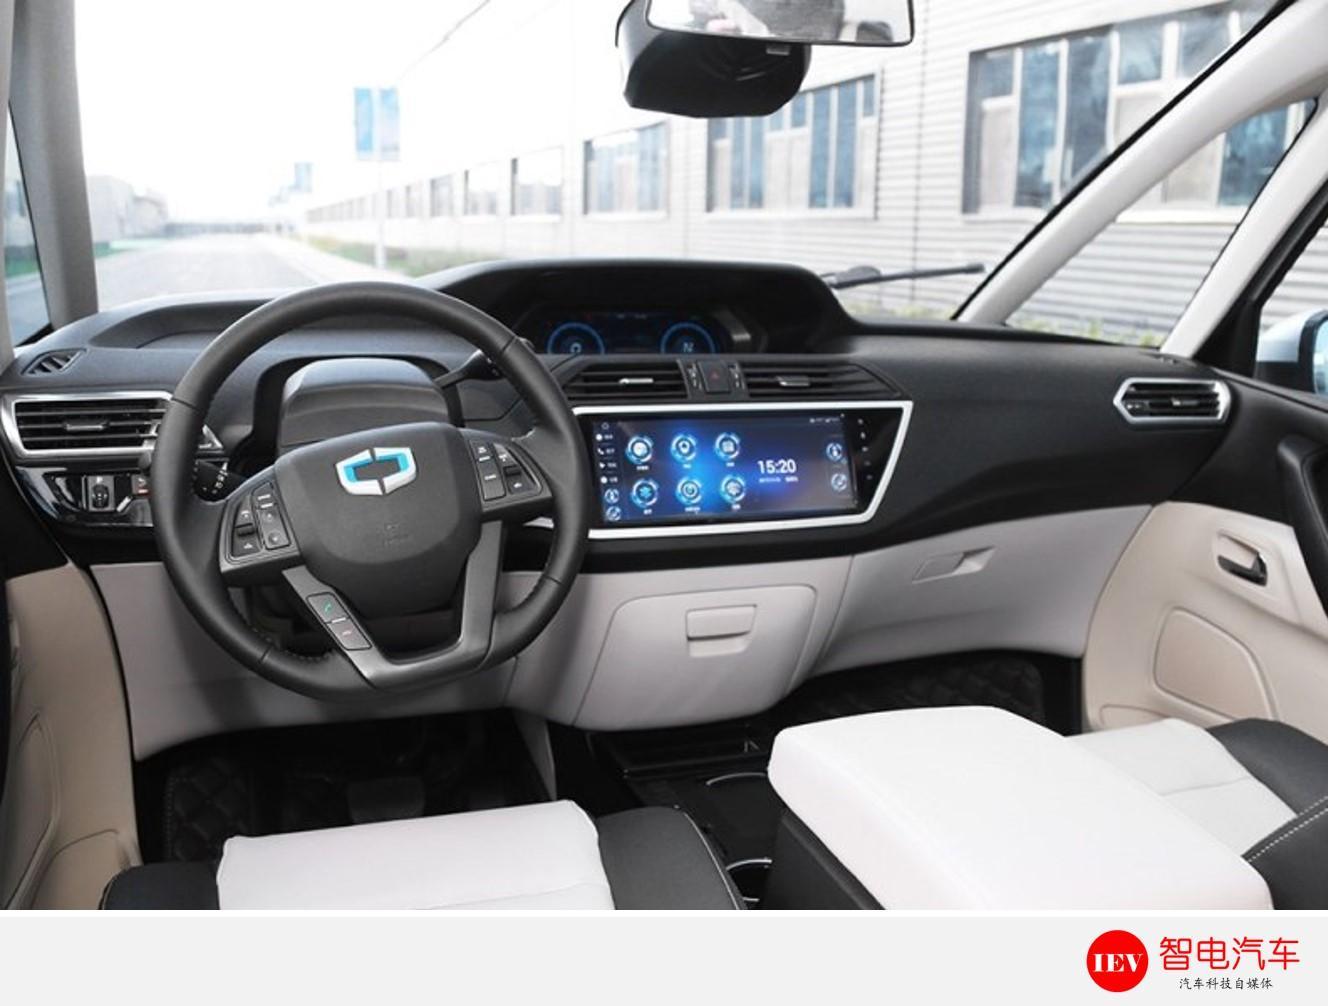 续航400km,空间稍胜比亚迪e6,充电换电随便选,MG3:车不能随便!